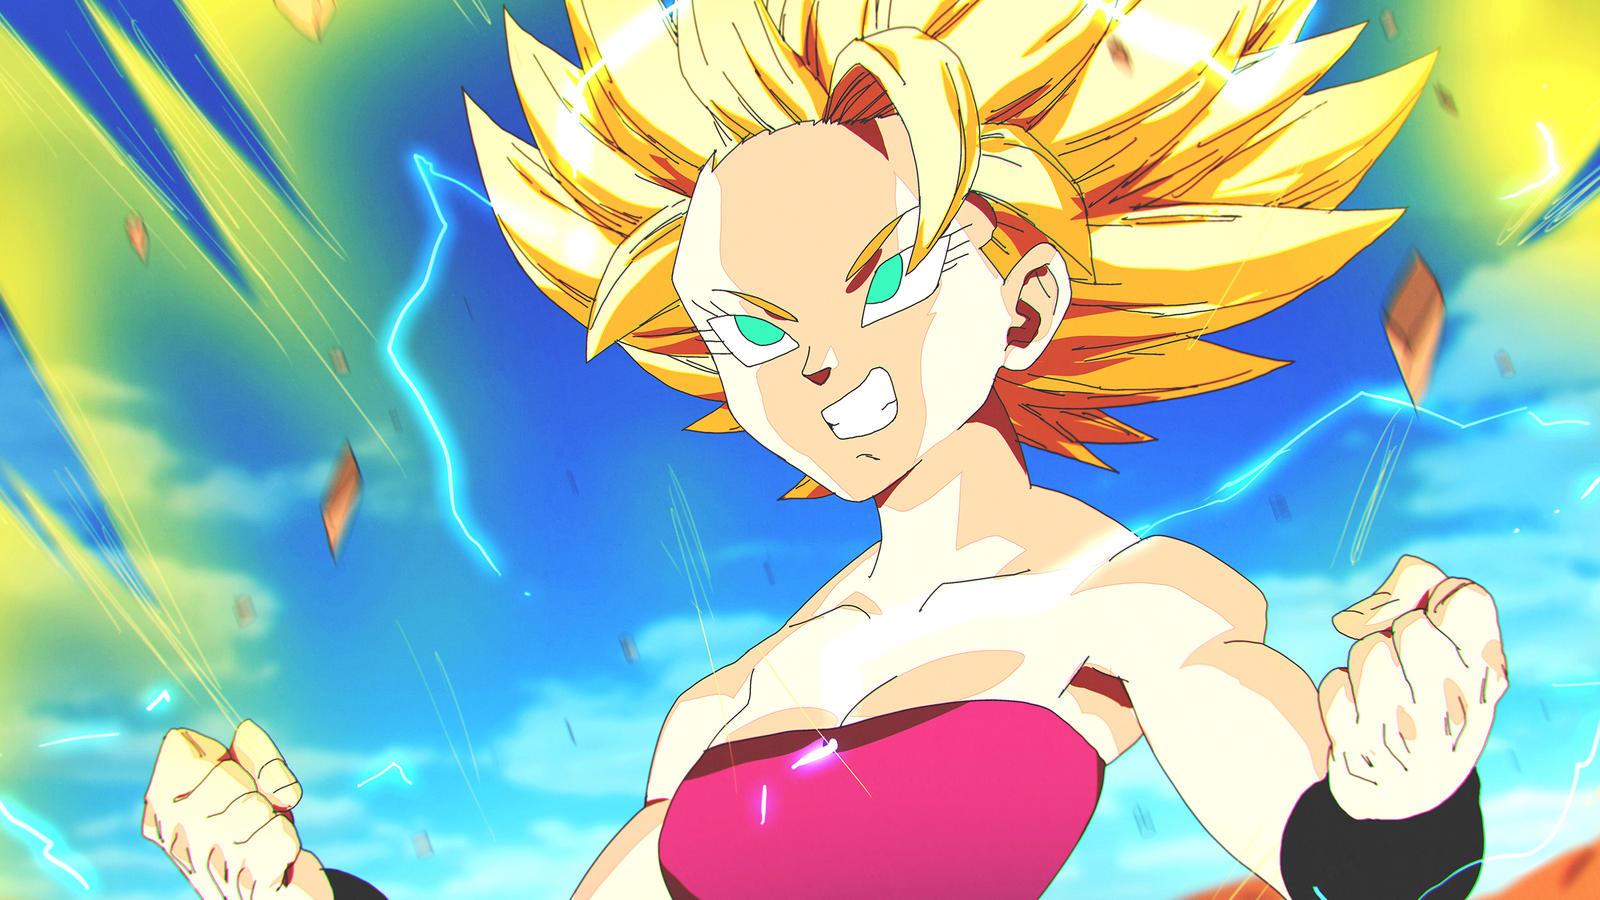 SSj2 Caulifla | Dragon Ball Super by moxie2D